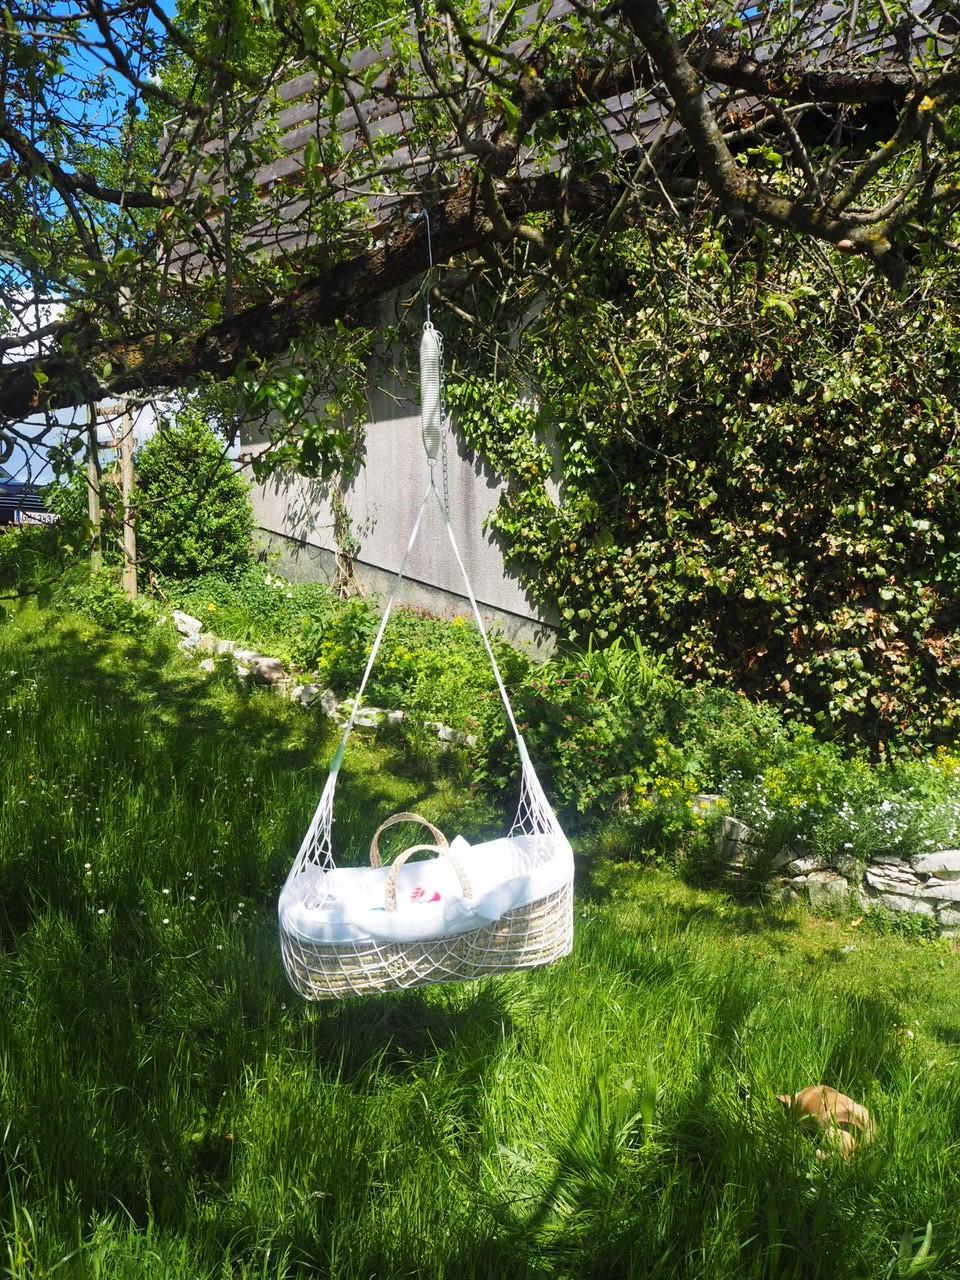 Wir haben die Lullababy Federwiege bei dem schönen sonnigen Wetter draußen an einen Pflaumenbau gehängt Trixi hat total gut geschlafen und Mama konnte total entspannt Tee trinken und durch den Garten wandern.